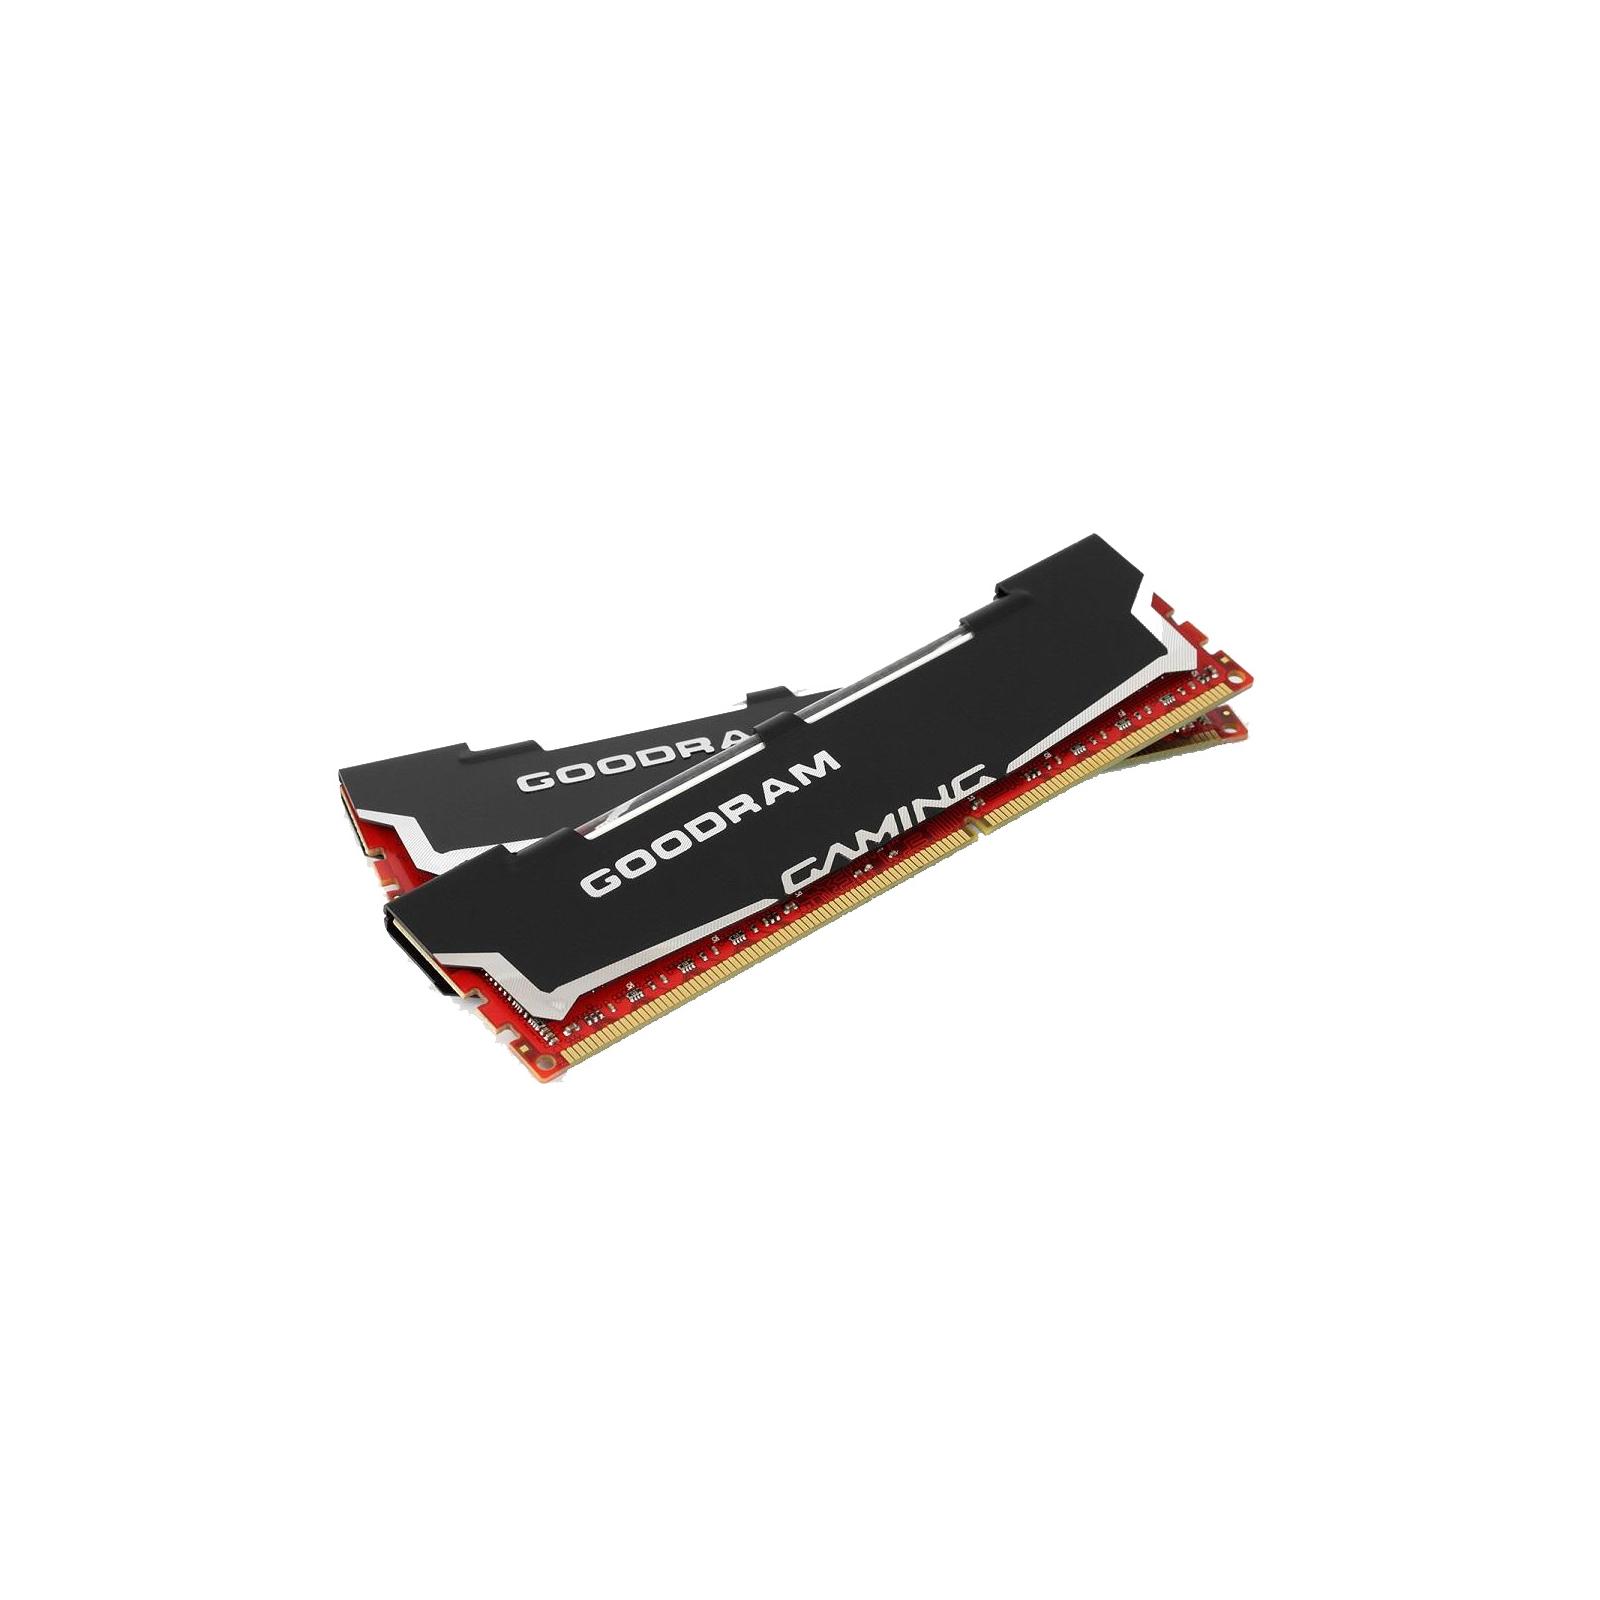 Модуль памяти для компьютера DDR3 16Gb (2x8GB) 2133 MHz Led Gaming GOODRAM (GL2133D364L10A/16GDC) изображение 2